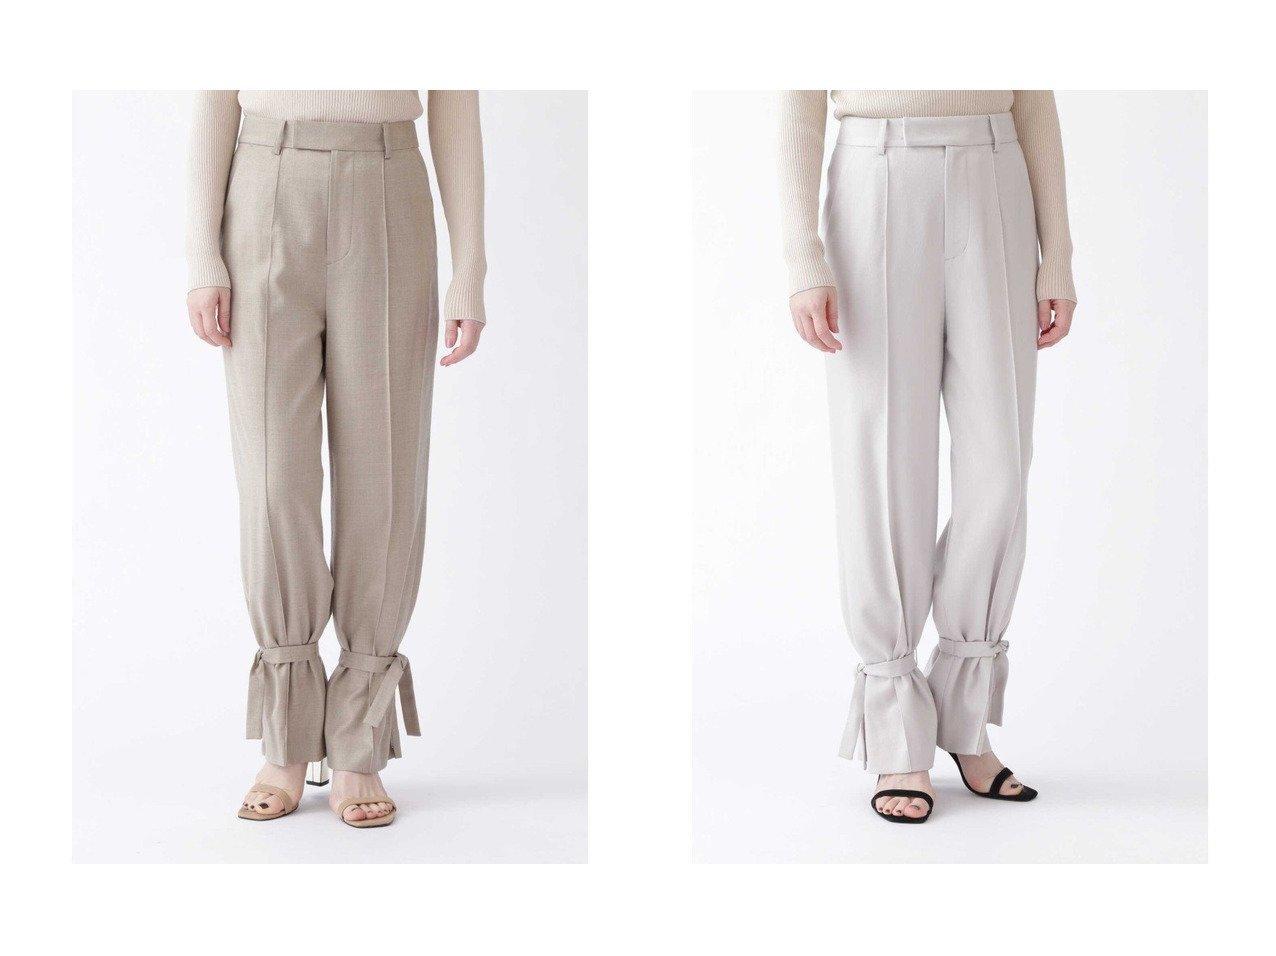 【JILLSTUART/ジルスチュアート】の《EXCLUSIVE LINE》スリットリボンパンツ パンツのおすすめ!人気トレンド・レディースファッションの通販 おすすめで人気のファッション通販商品 インテリア・家具・キッズファッション・メンズファッション・レディースファッション・服の通販 founy(ファニー) https://founy.com/ ファッション Fashion レディースファッション WOMEN パンツ Pants シンプル ジーンズ スリット マニッシュ リボン |ID:crp329100000007849